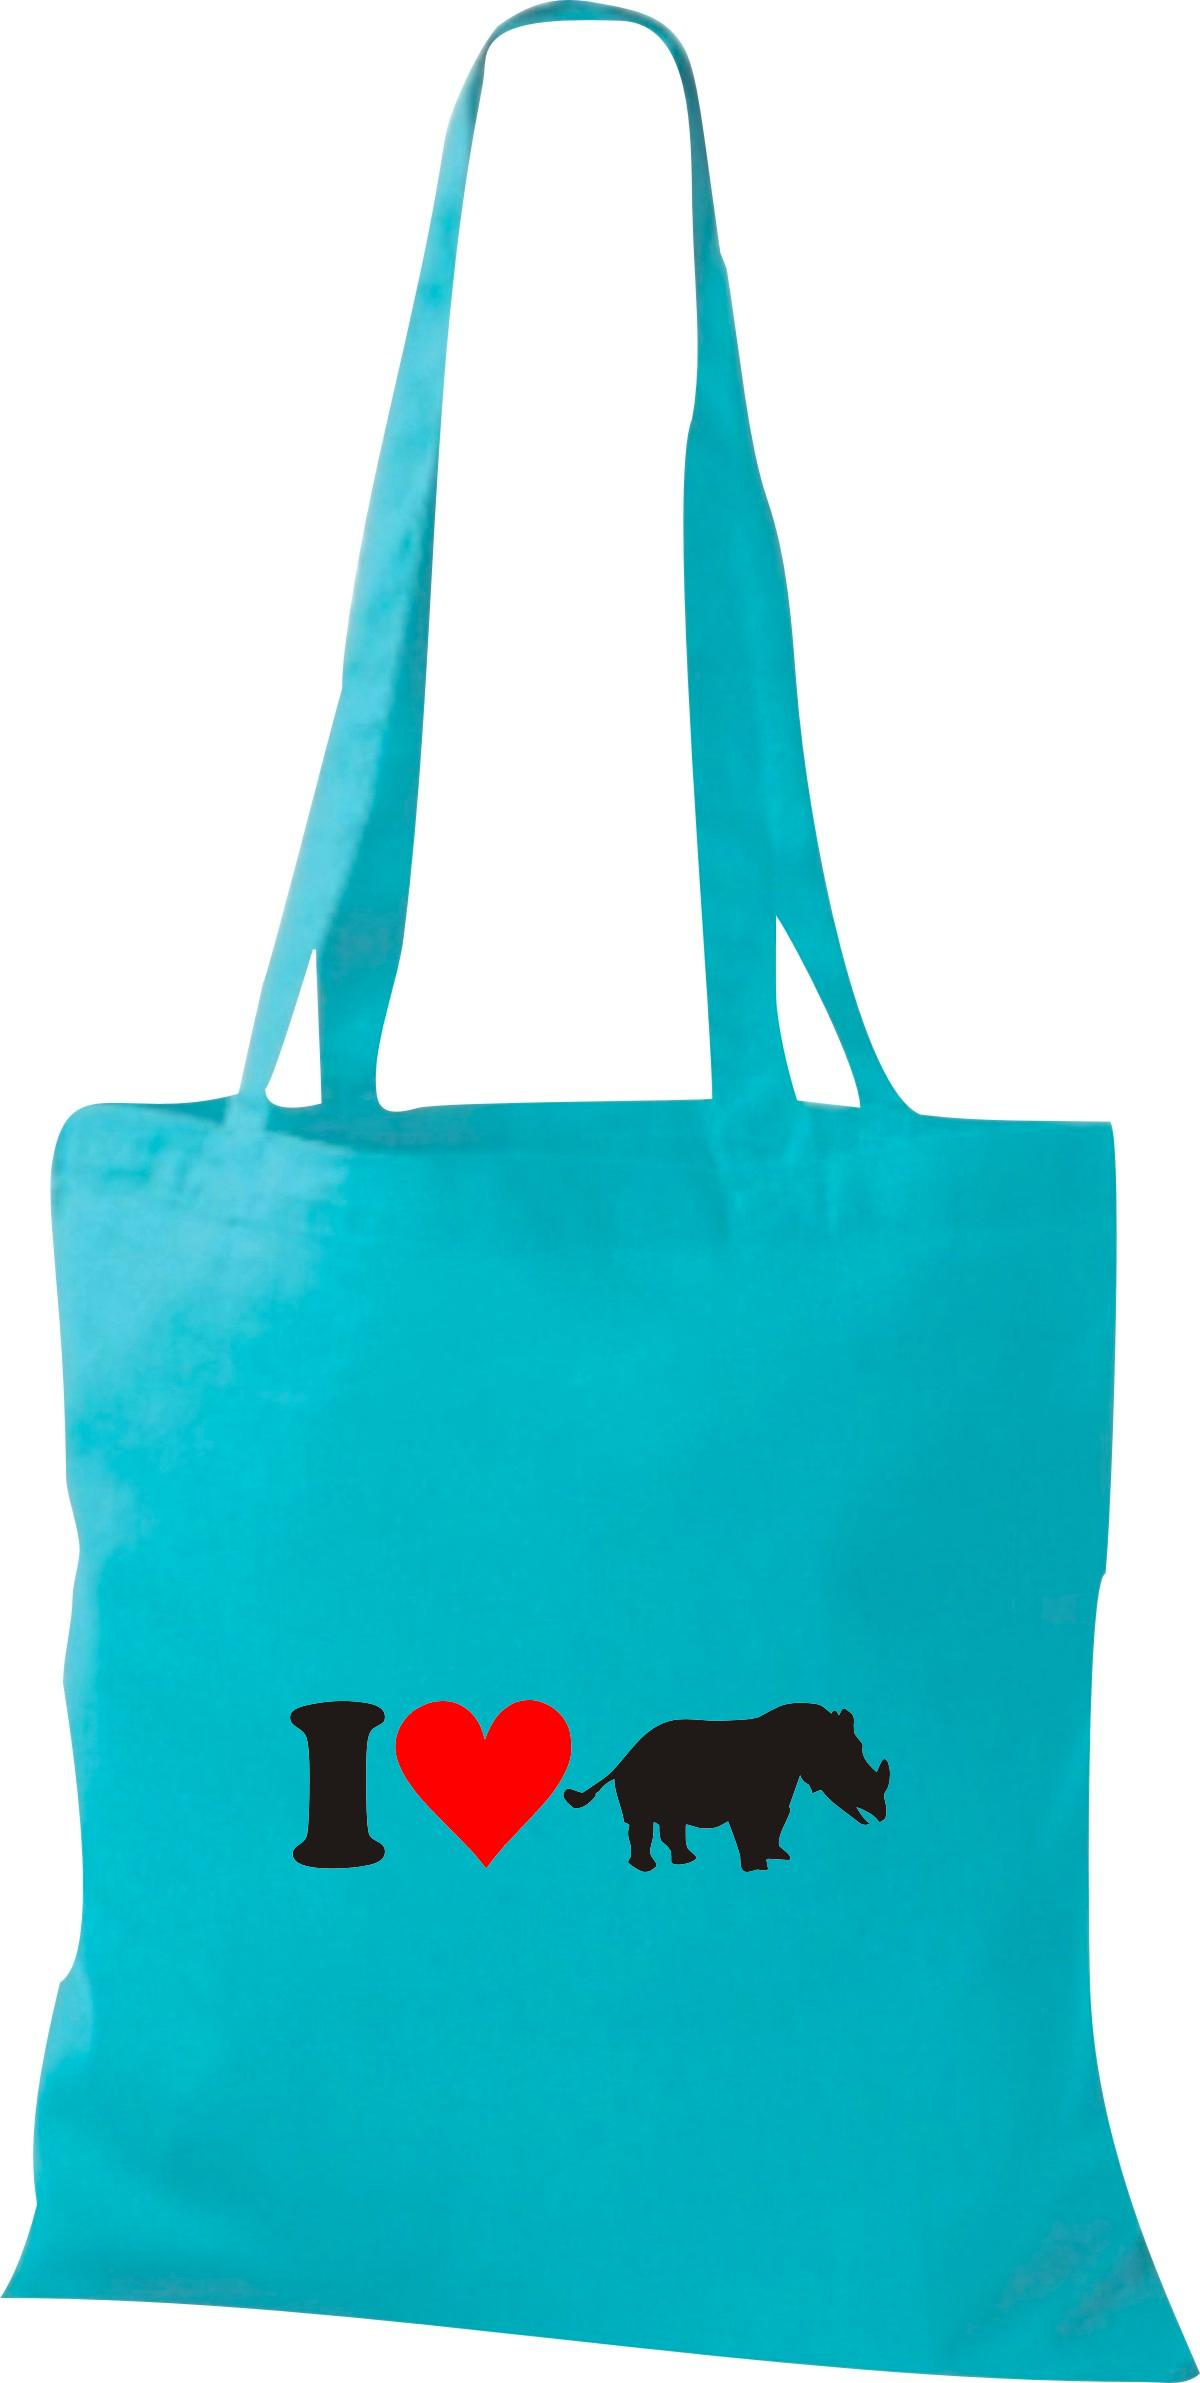 Stoffbeutel I Love Nashorn Tiere Tiermotive Naturkult, Baumwolltasche viele Farb